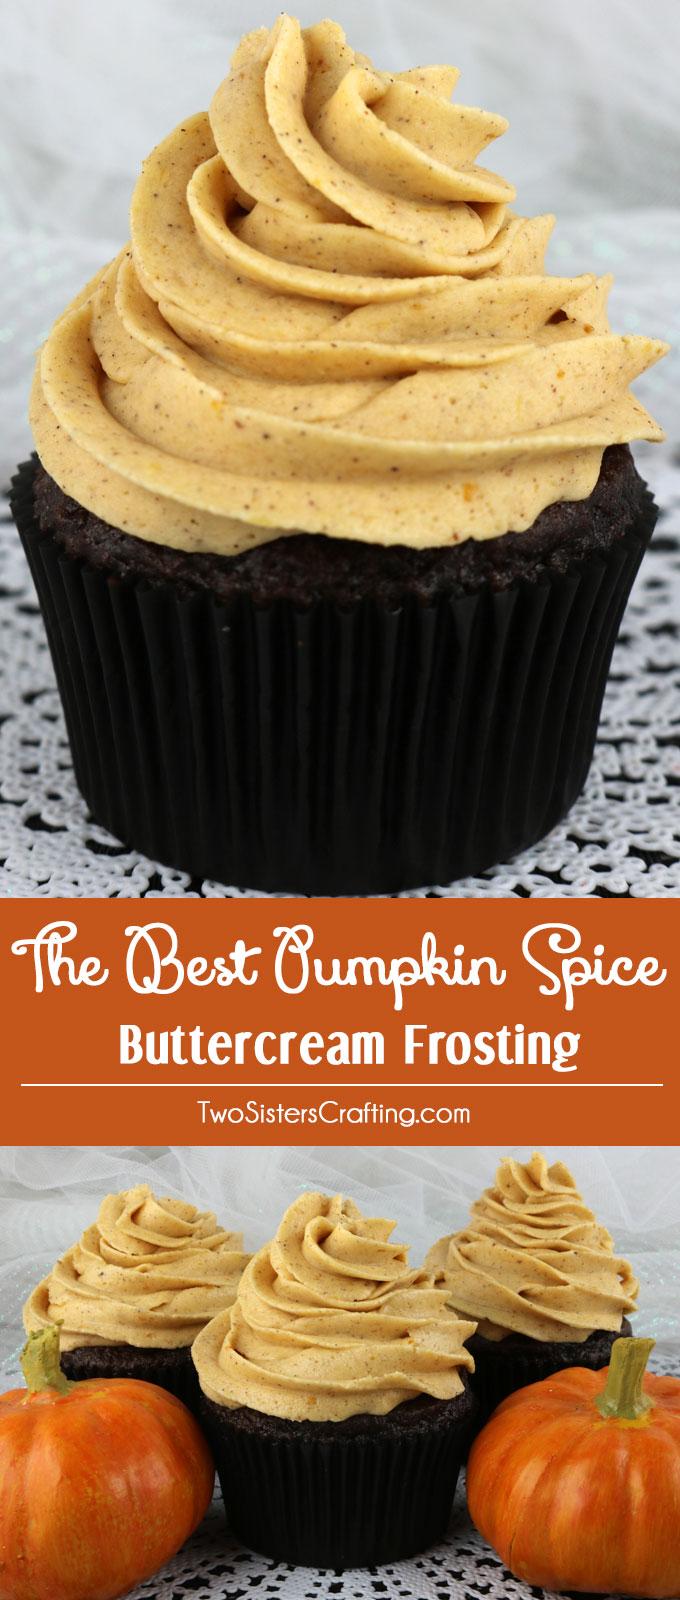 Pumpkin-Spiced Buttercream